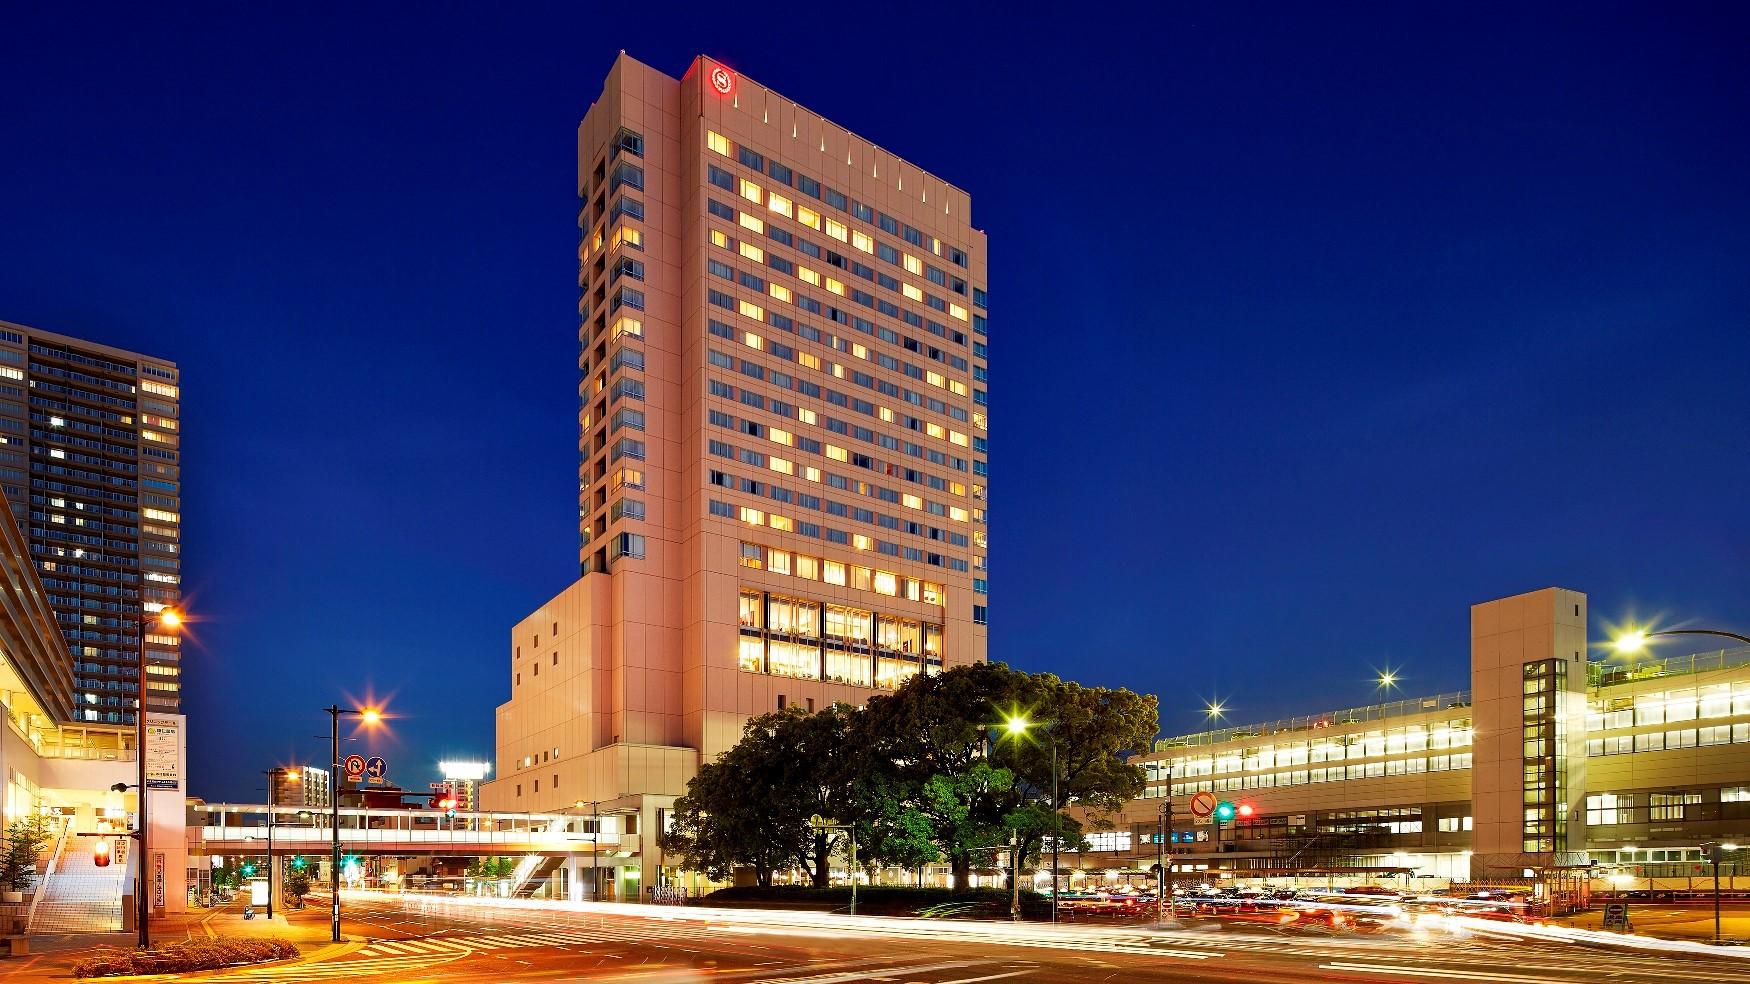 シェラトン ホテル 広島◆楽天トラベル